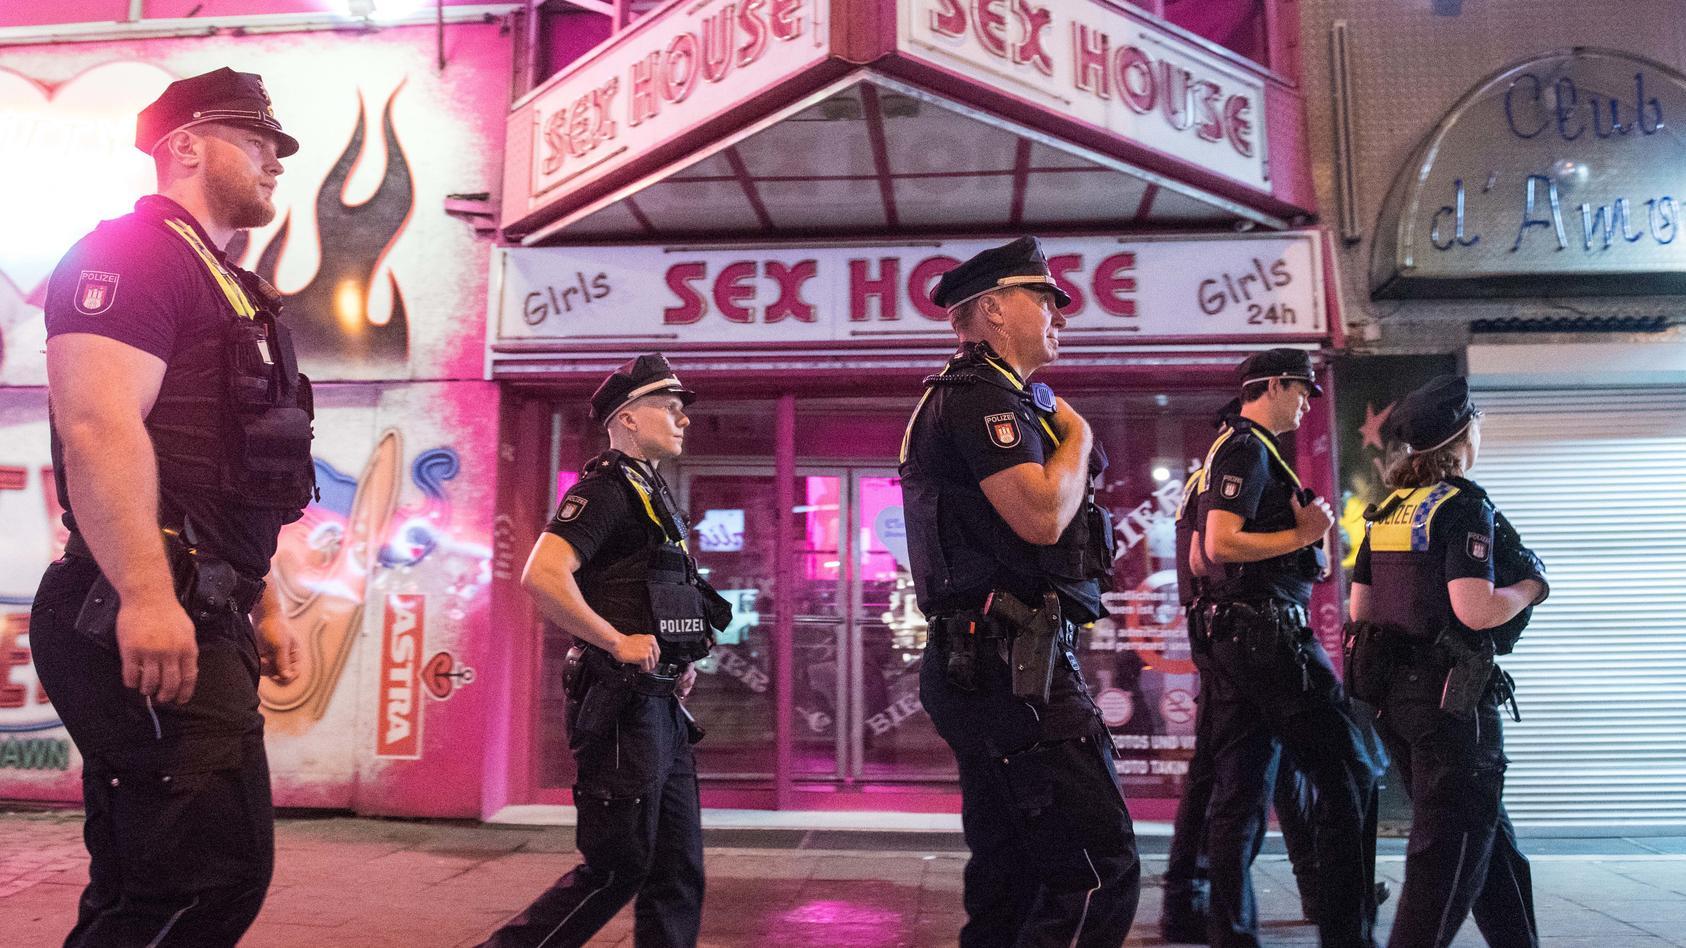 Polizisten auf Patrouille auf der Hamburger Reeperbahn.